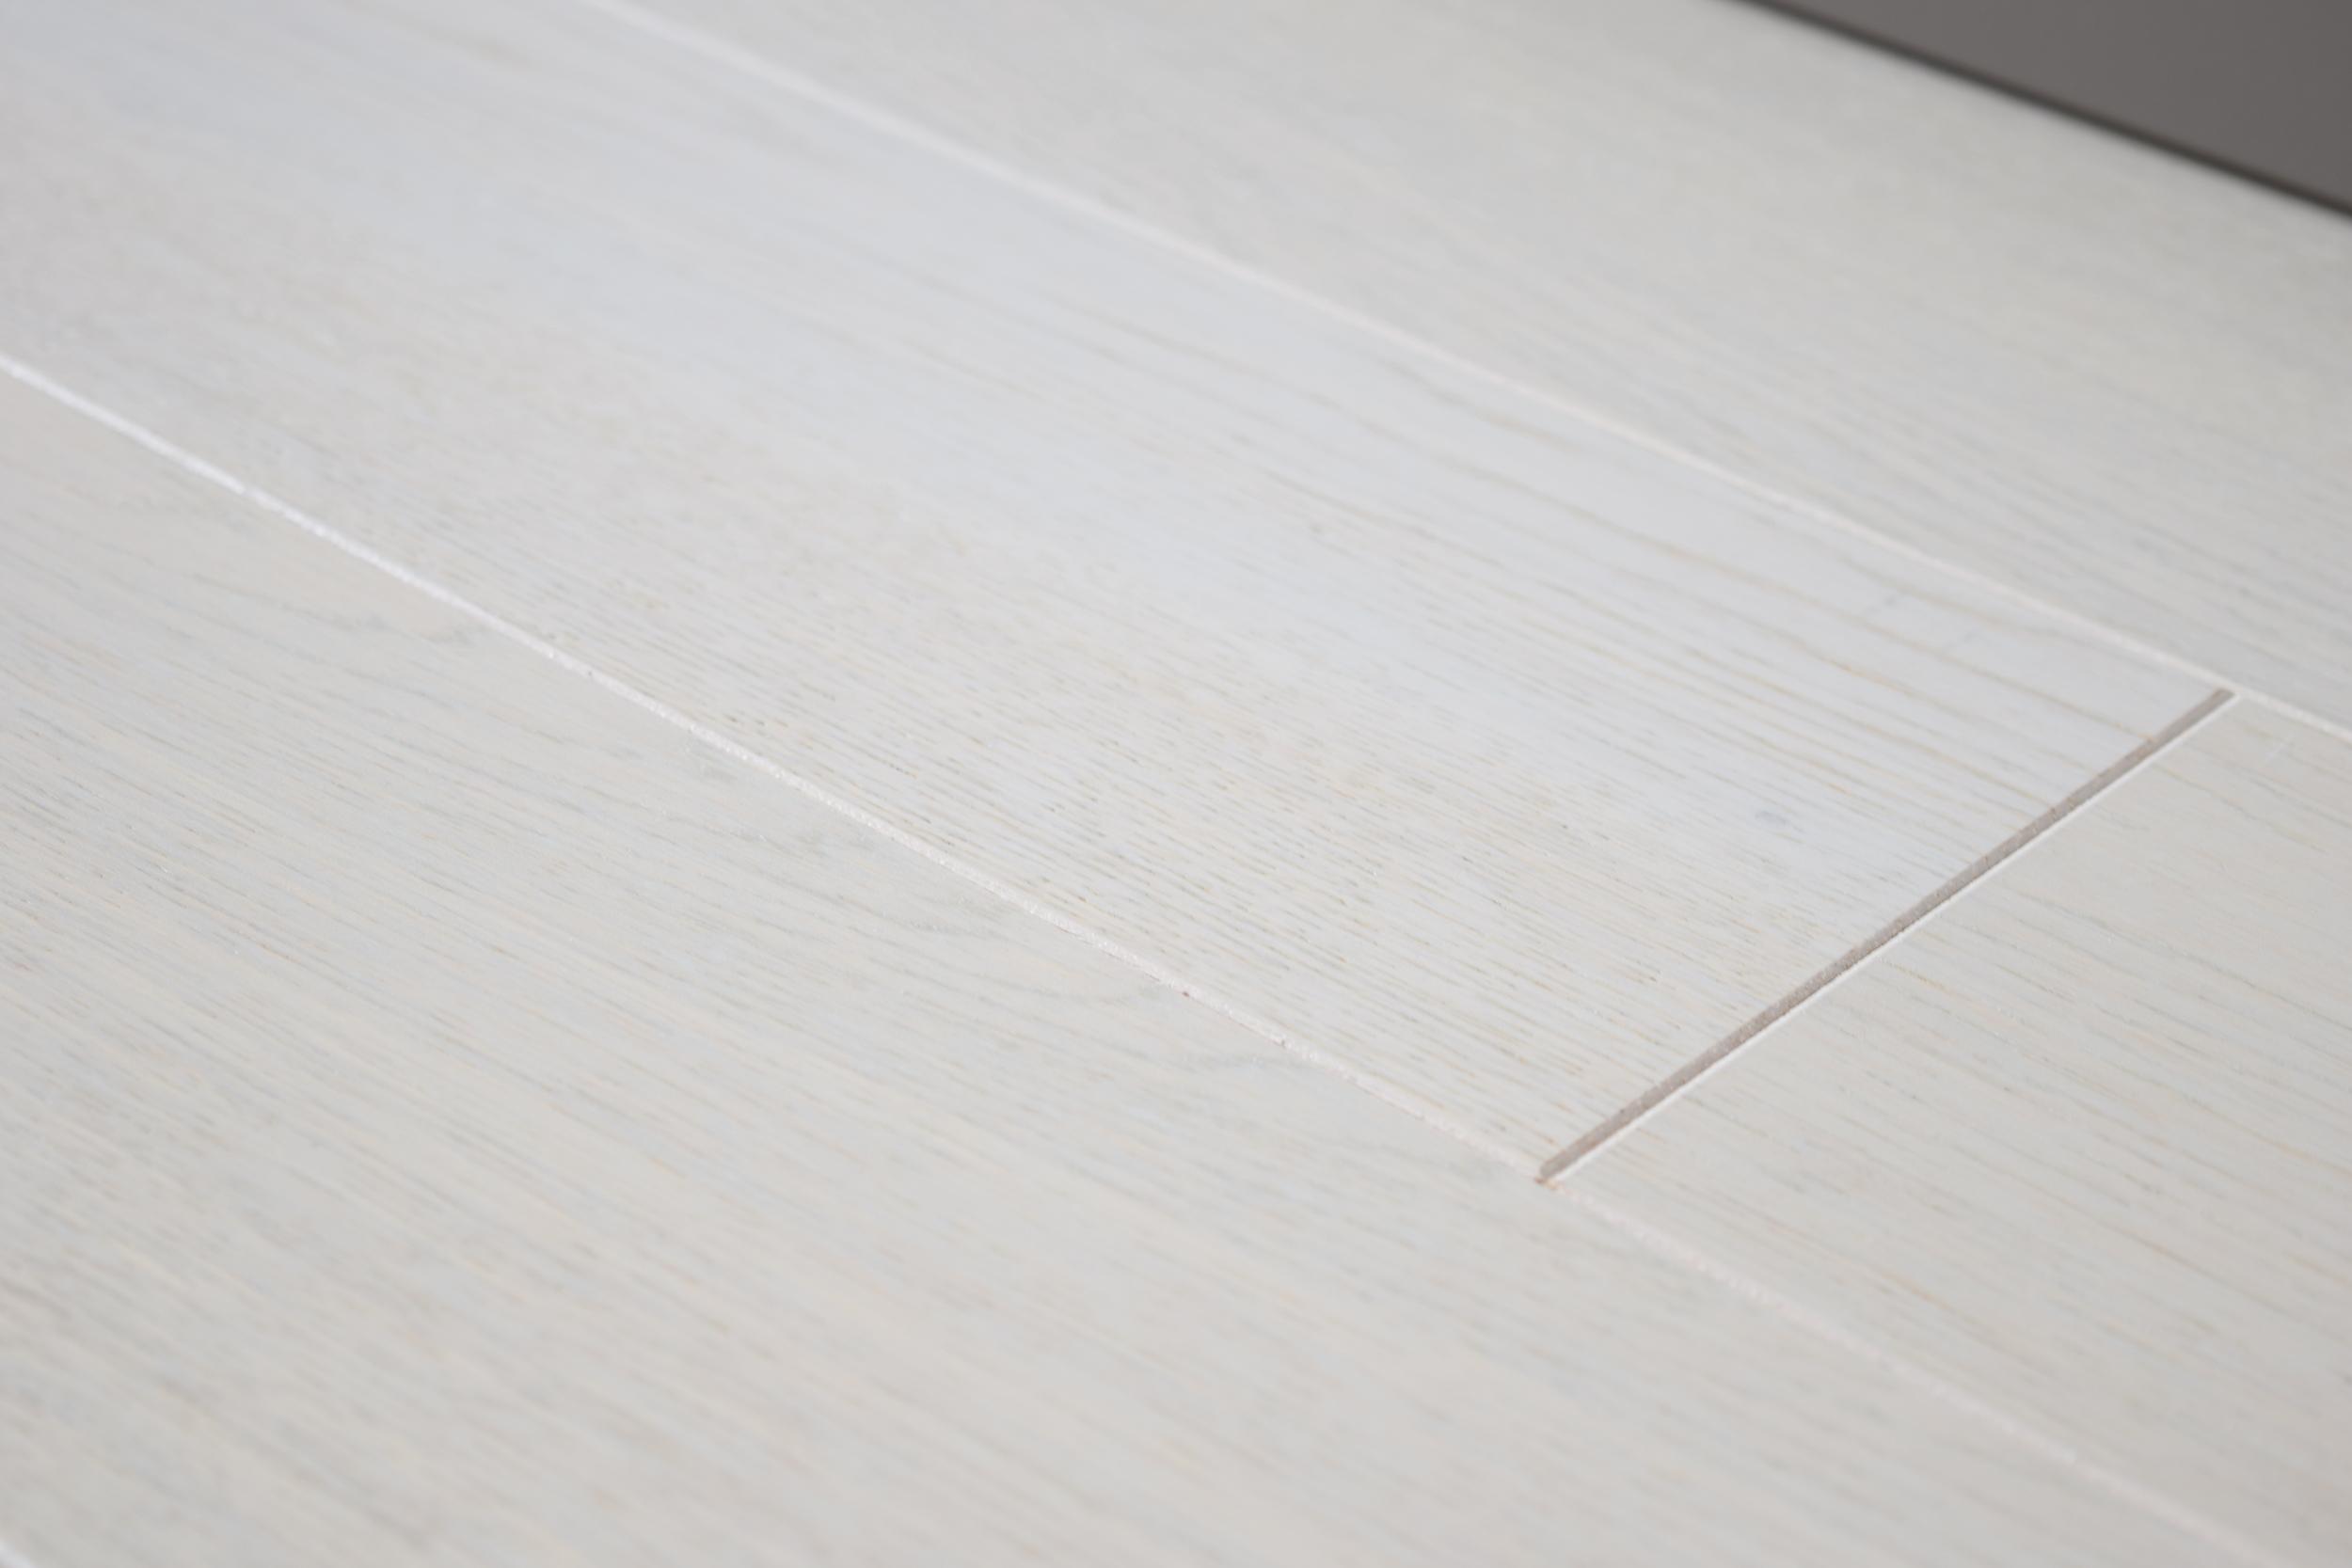 Parkettfußboden ~ Parkettfußboden in eiche weiß u fuisting tischlerei soest